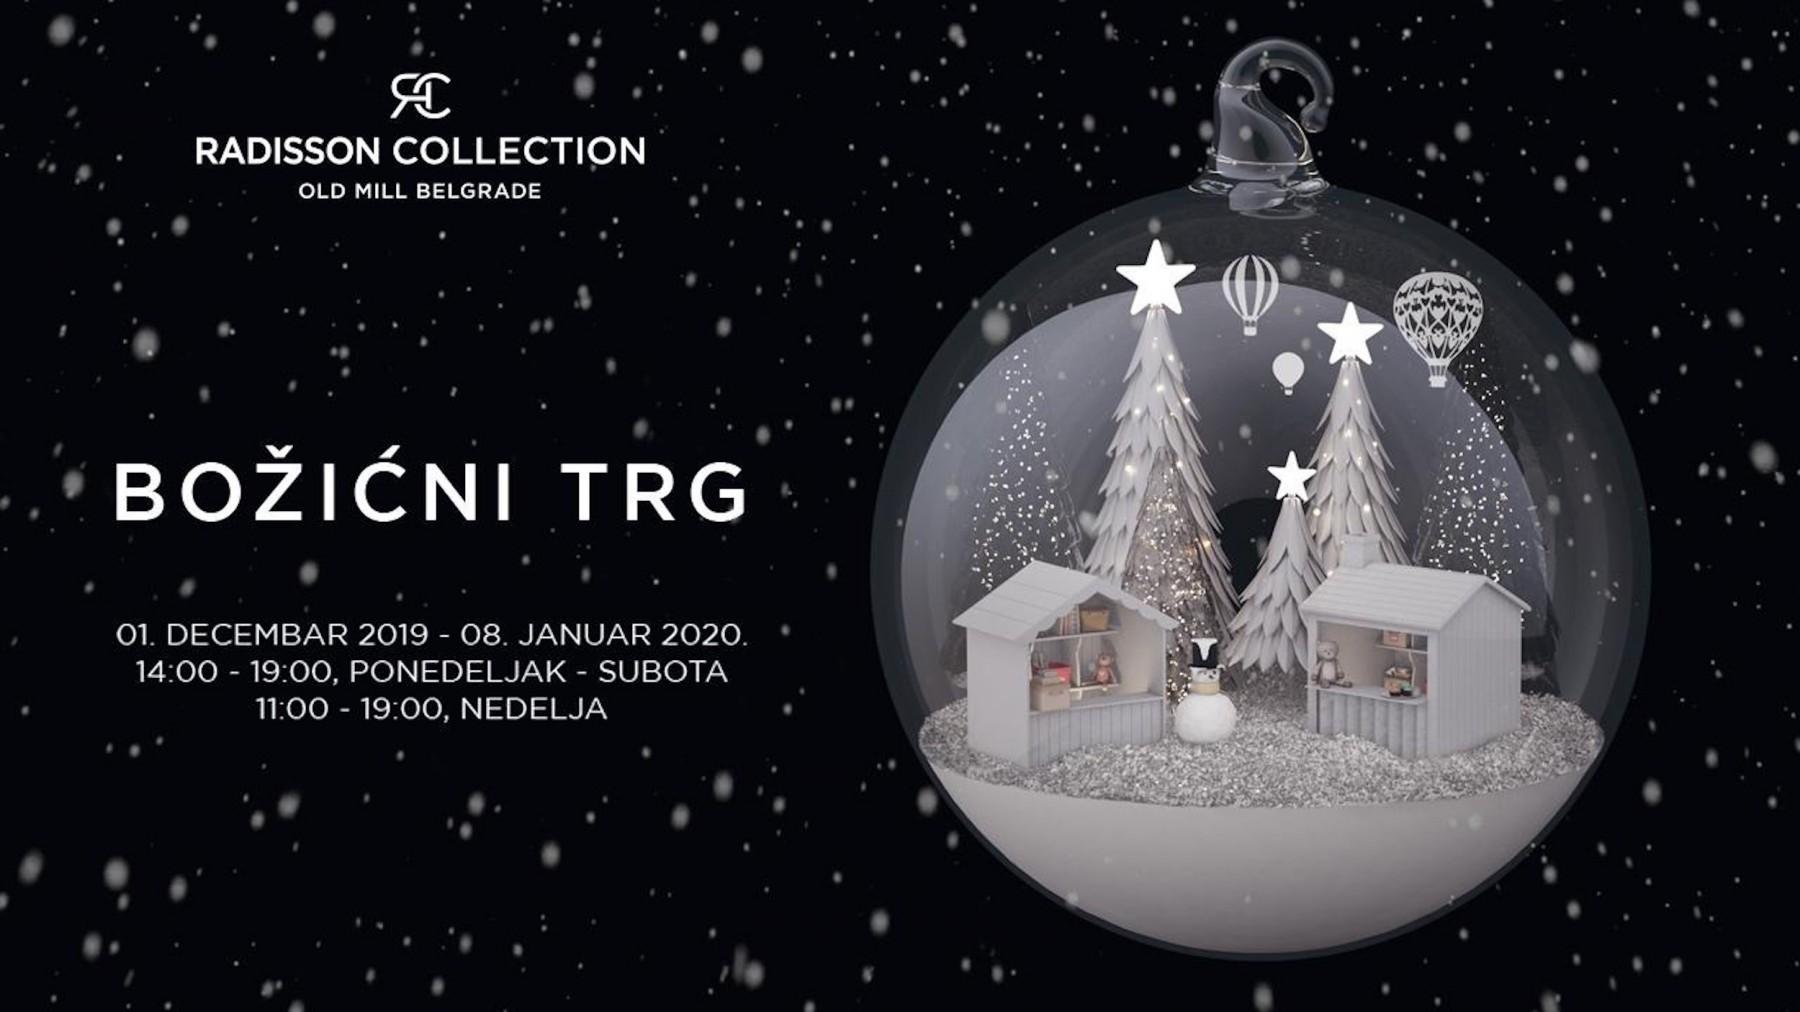 Bozicni Trg Radisson Collection